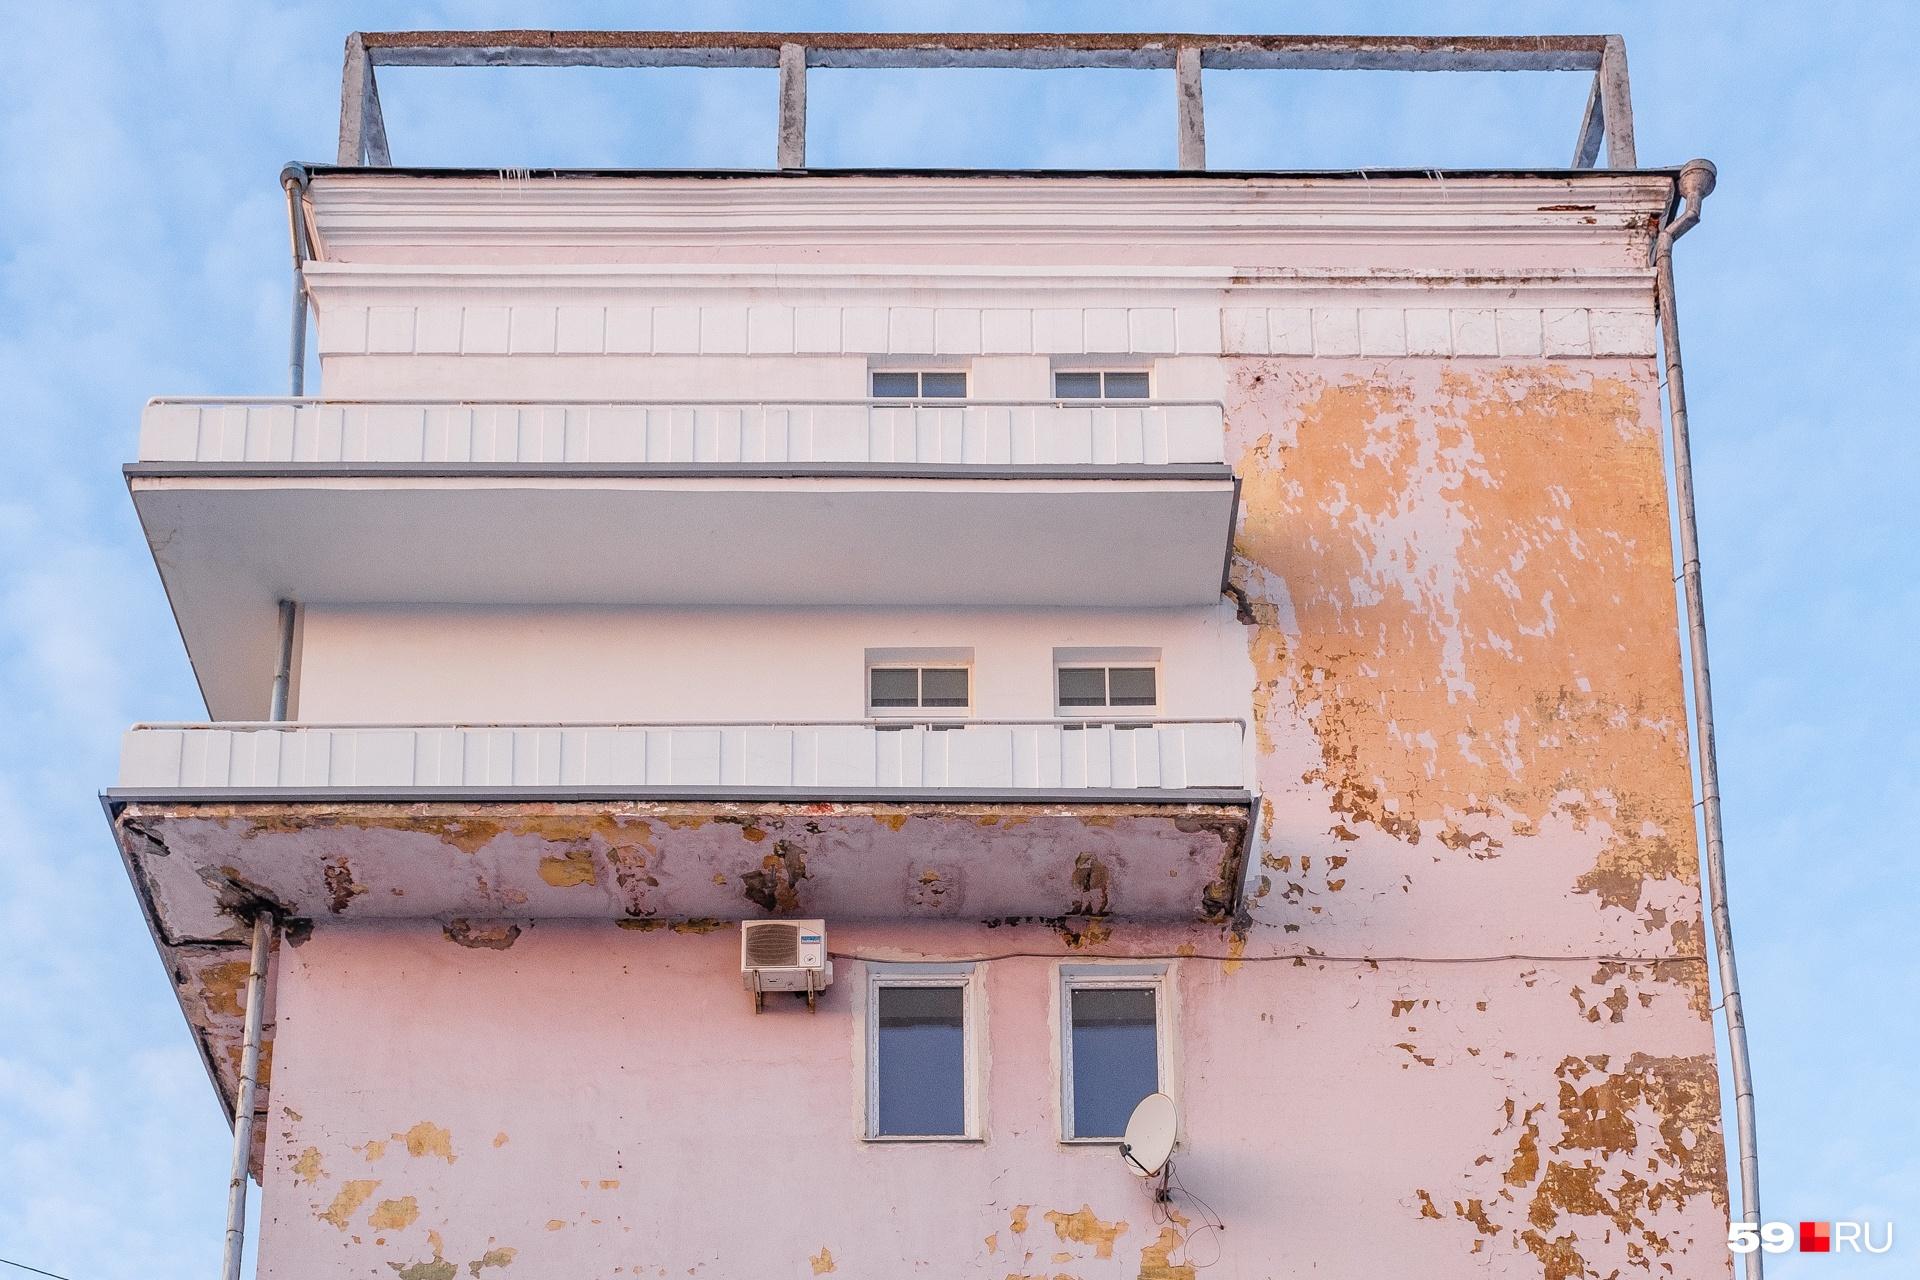 Балконы когда-то были выкрашены в красный цвет и напоминали флаги